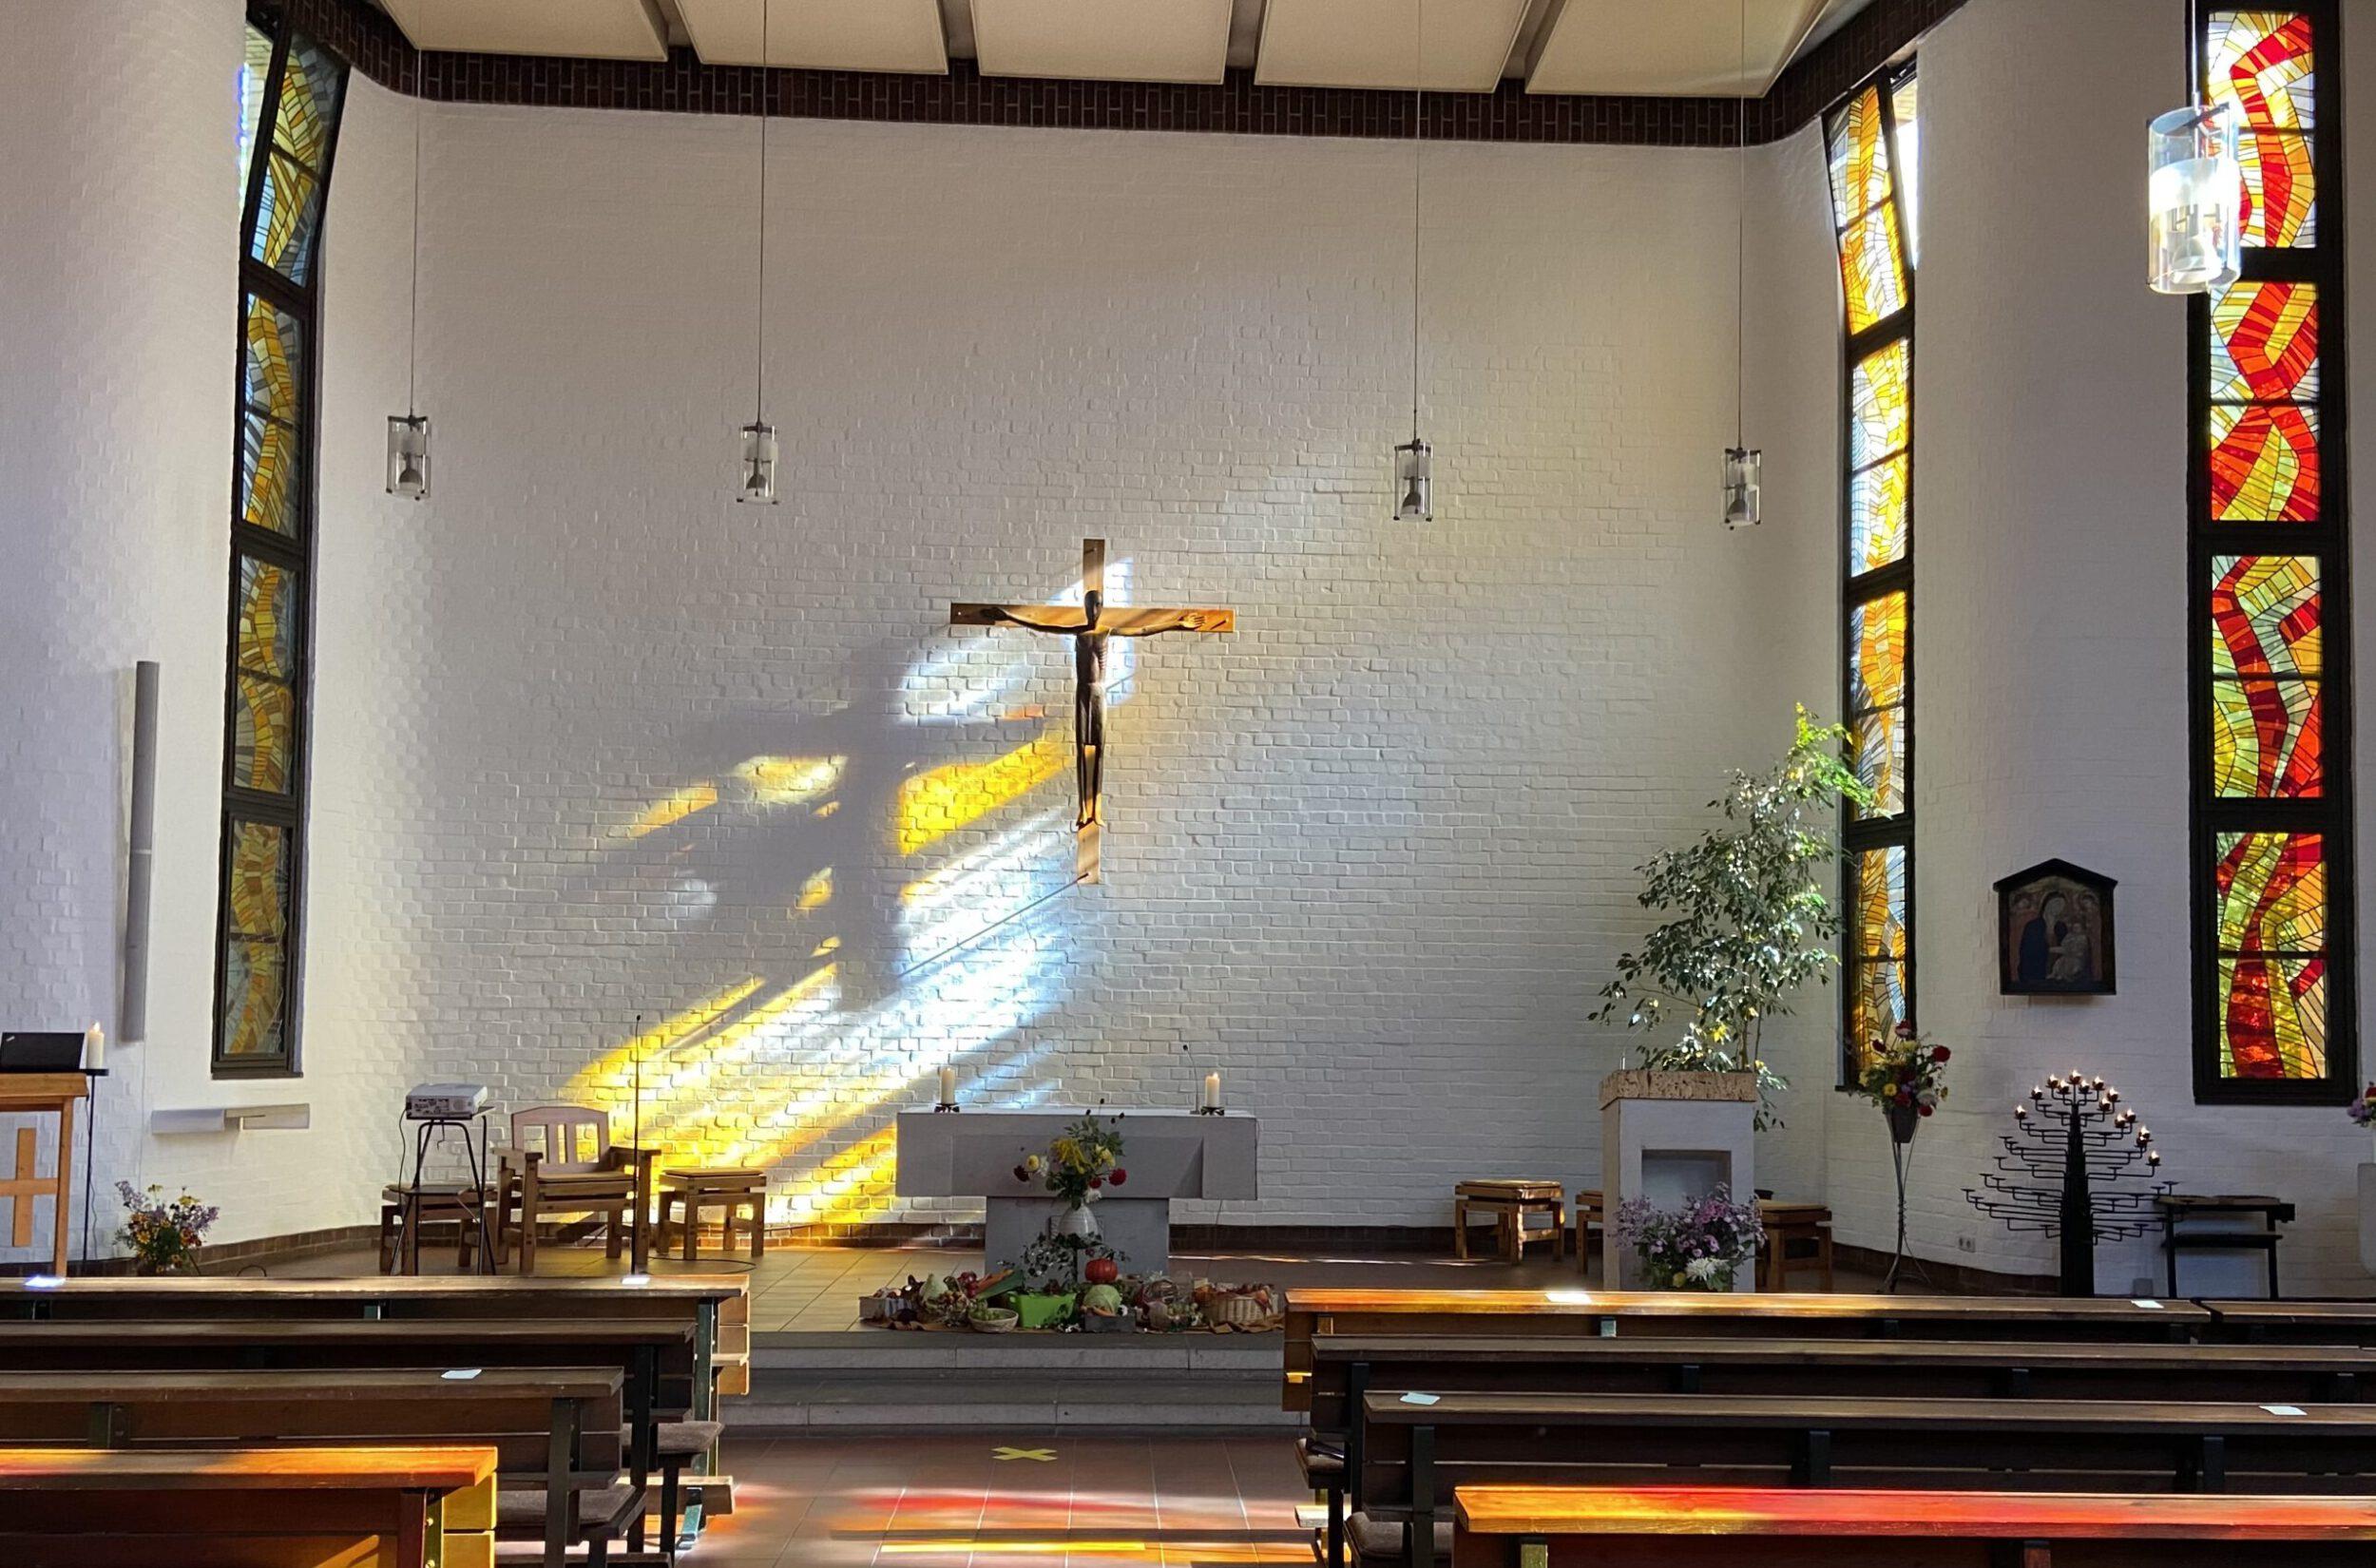 Kirchengemeinde Evershagen